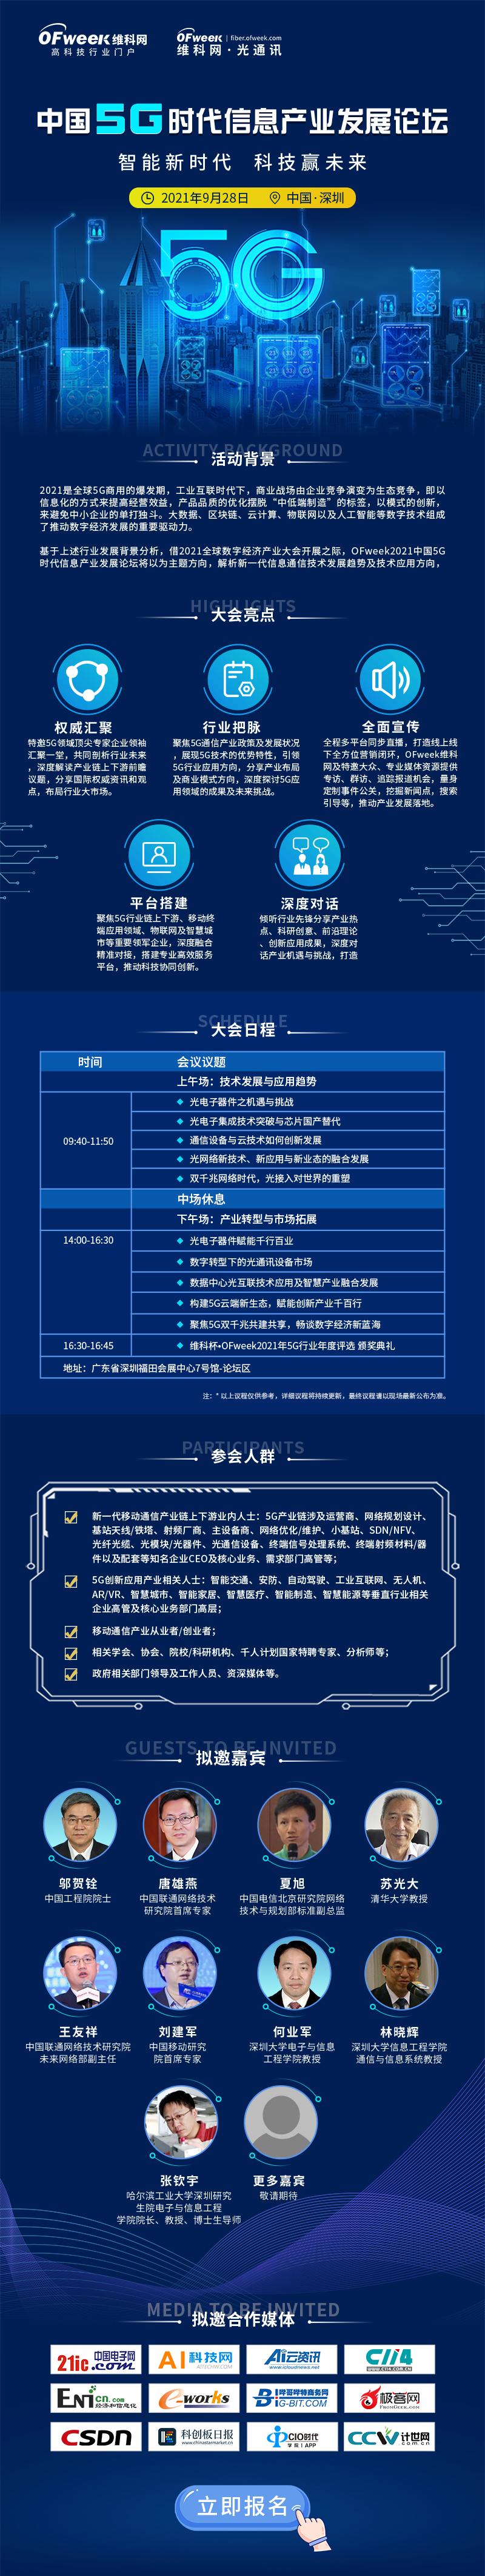 中国5G时代信息产业发展论坛